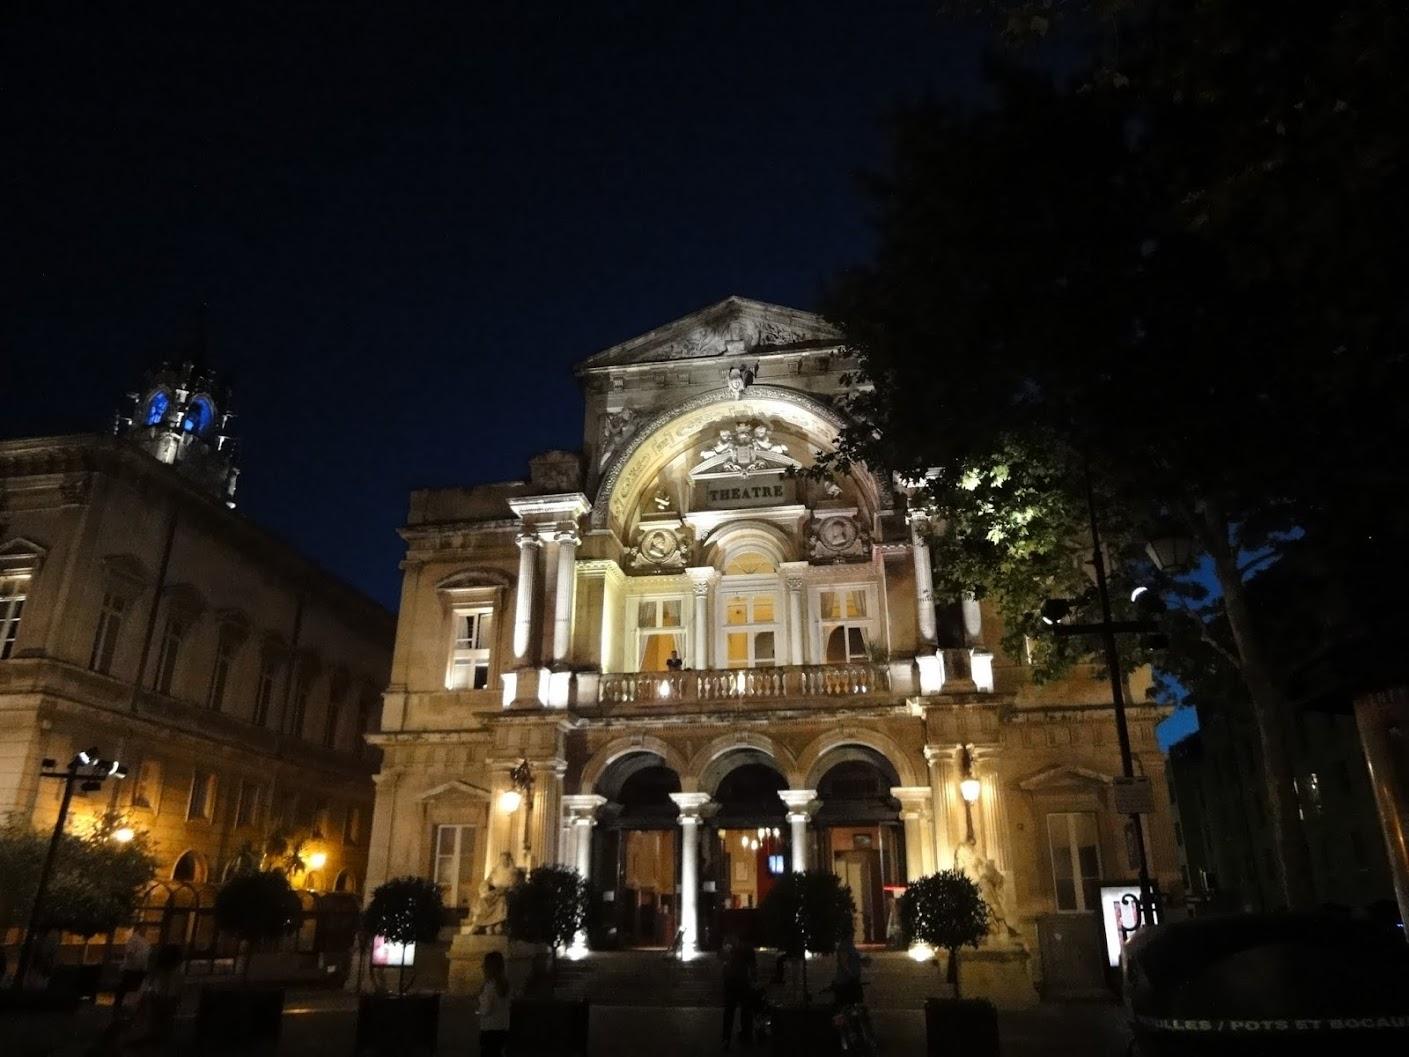 Opéra-Théâtre by night à Avignon